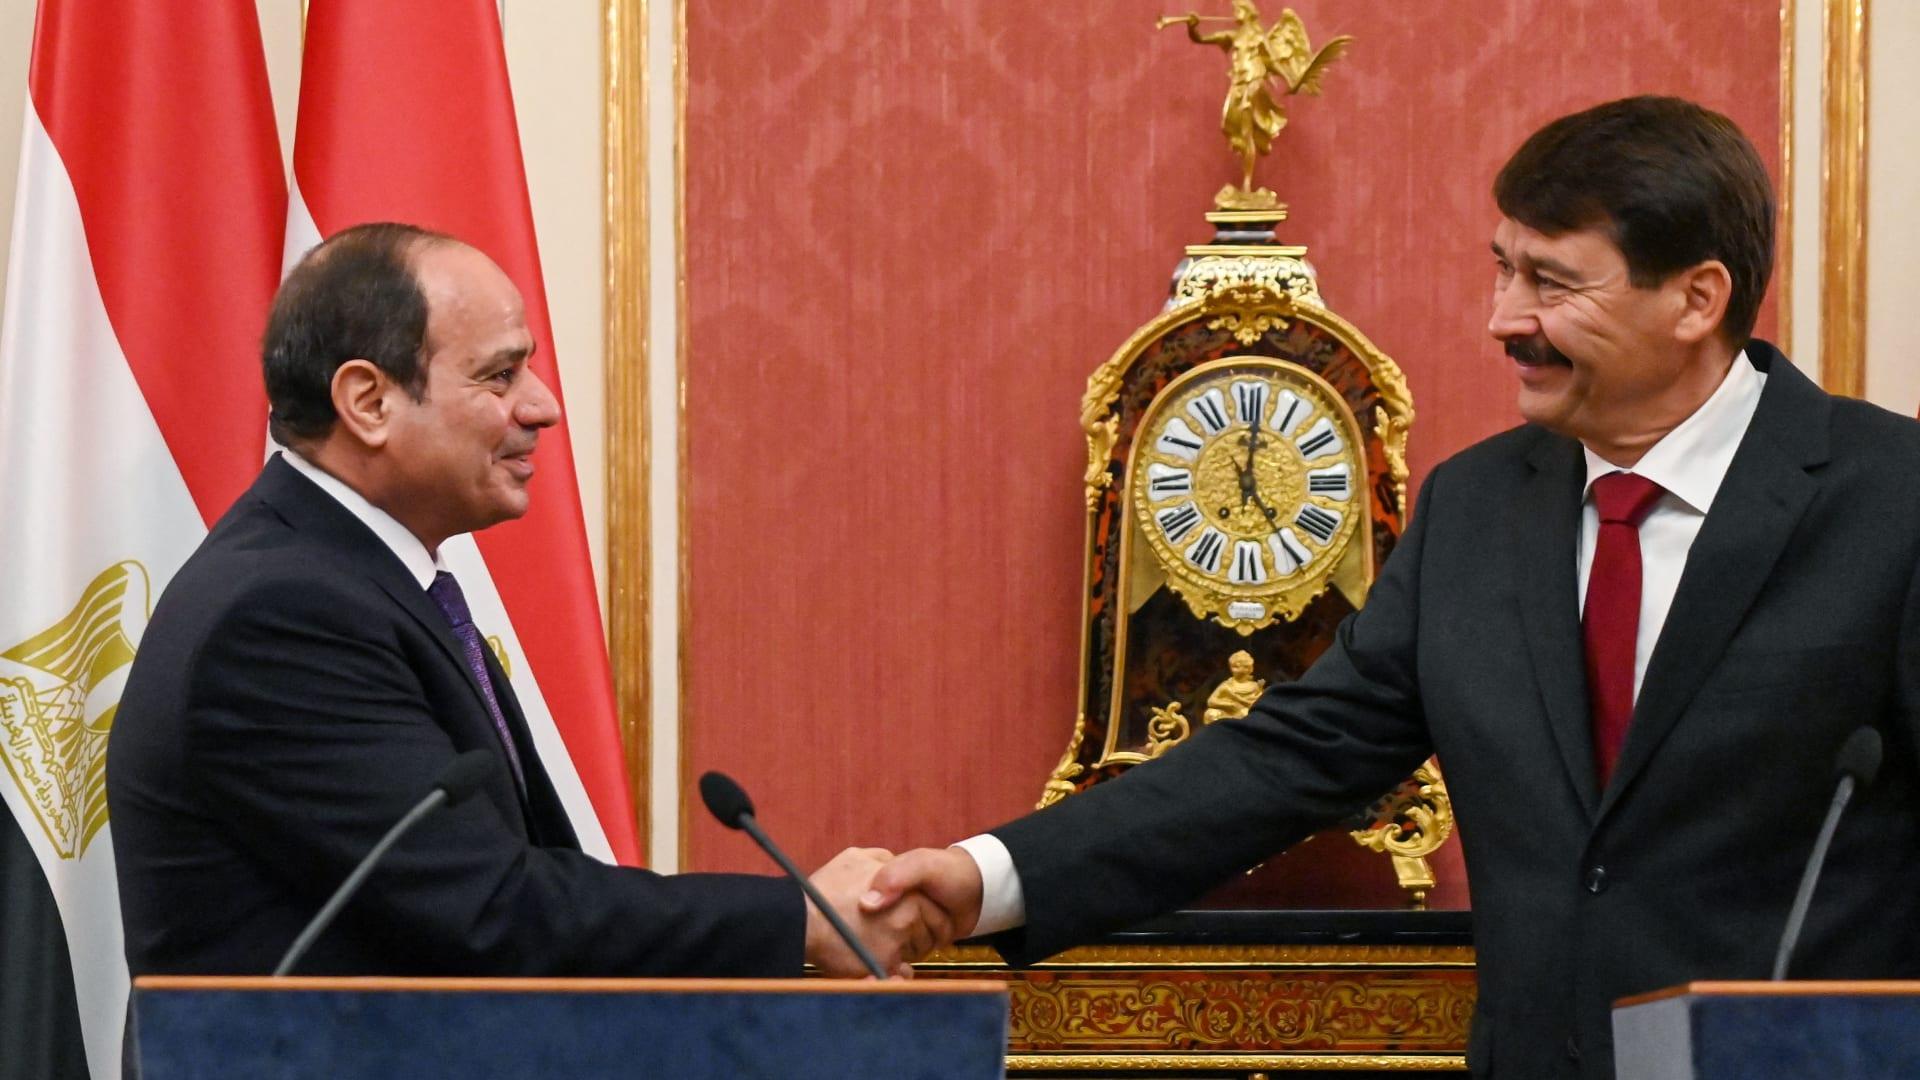 السيسي يصافح الرئيس المجري يانوش أدير في مؤتمر صحفي مشترك بالعاصمة بودابيست